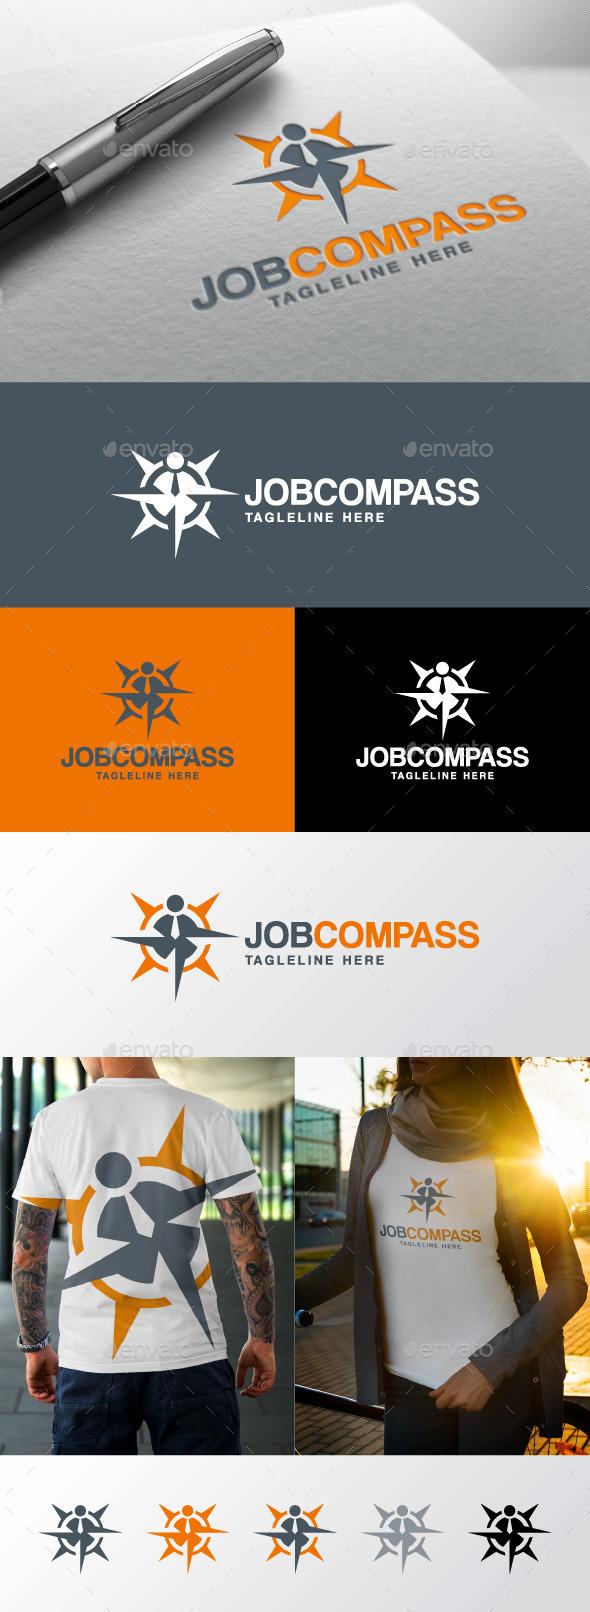 GraphicRiver Job Compass Logo 11423648